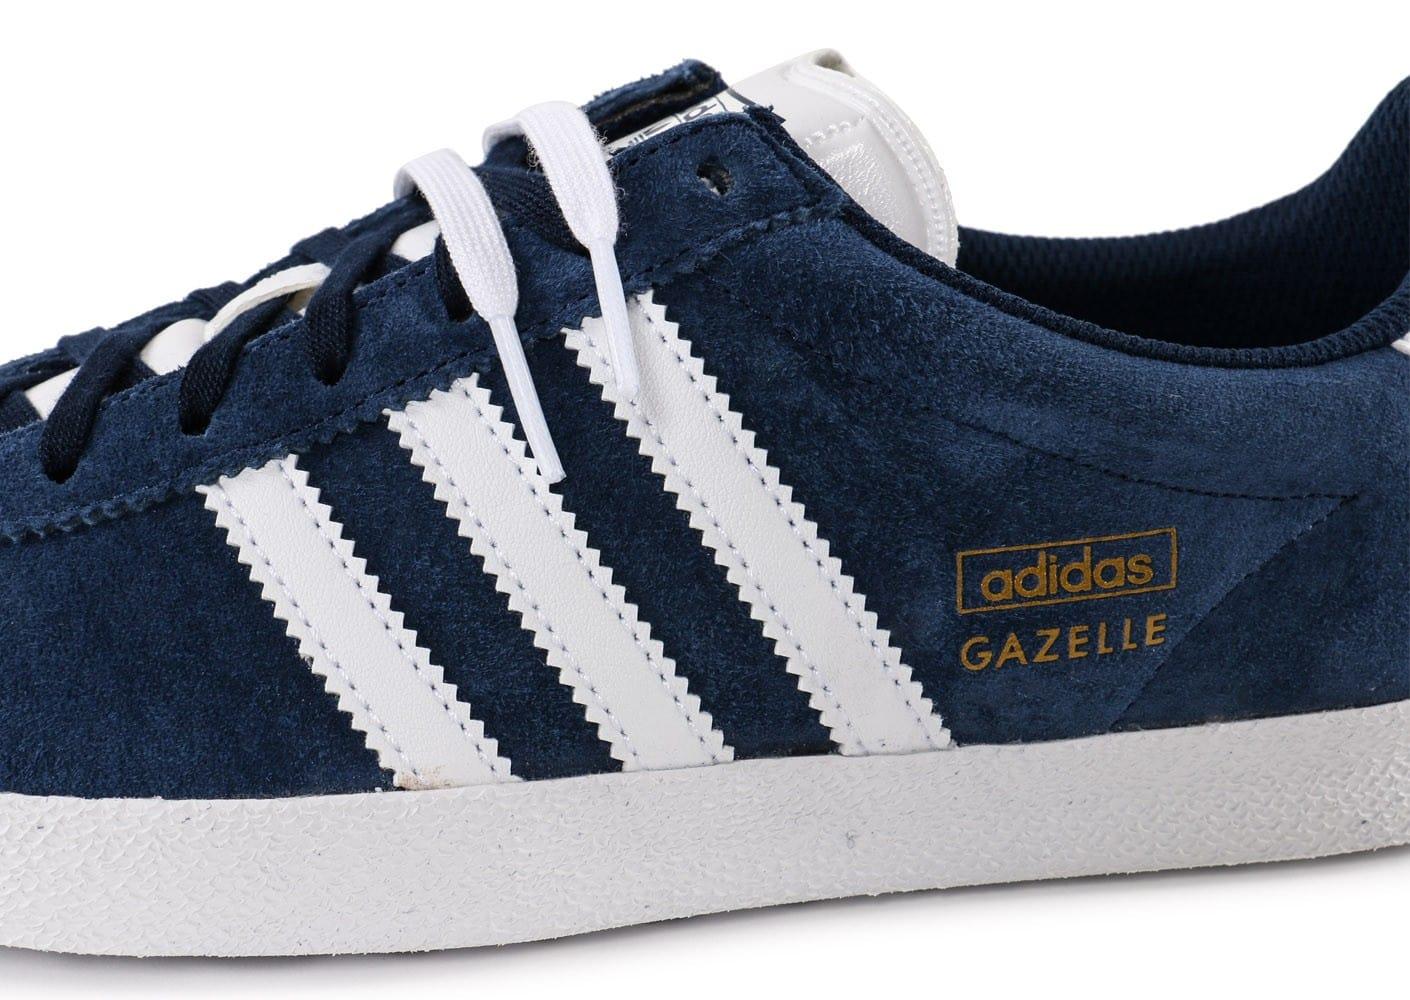 adidas gazelle homme noir 44